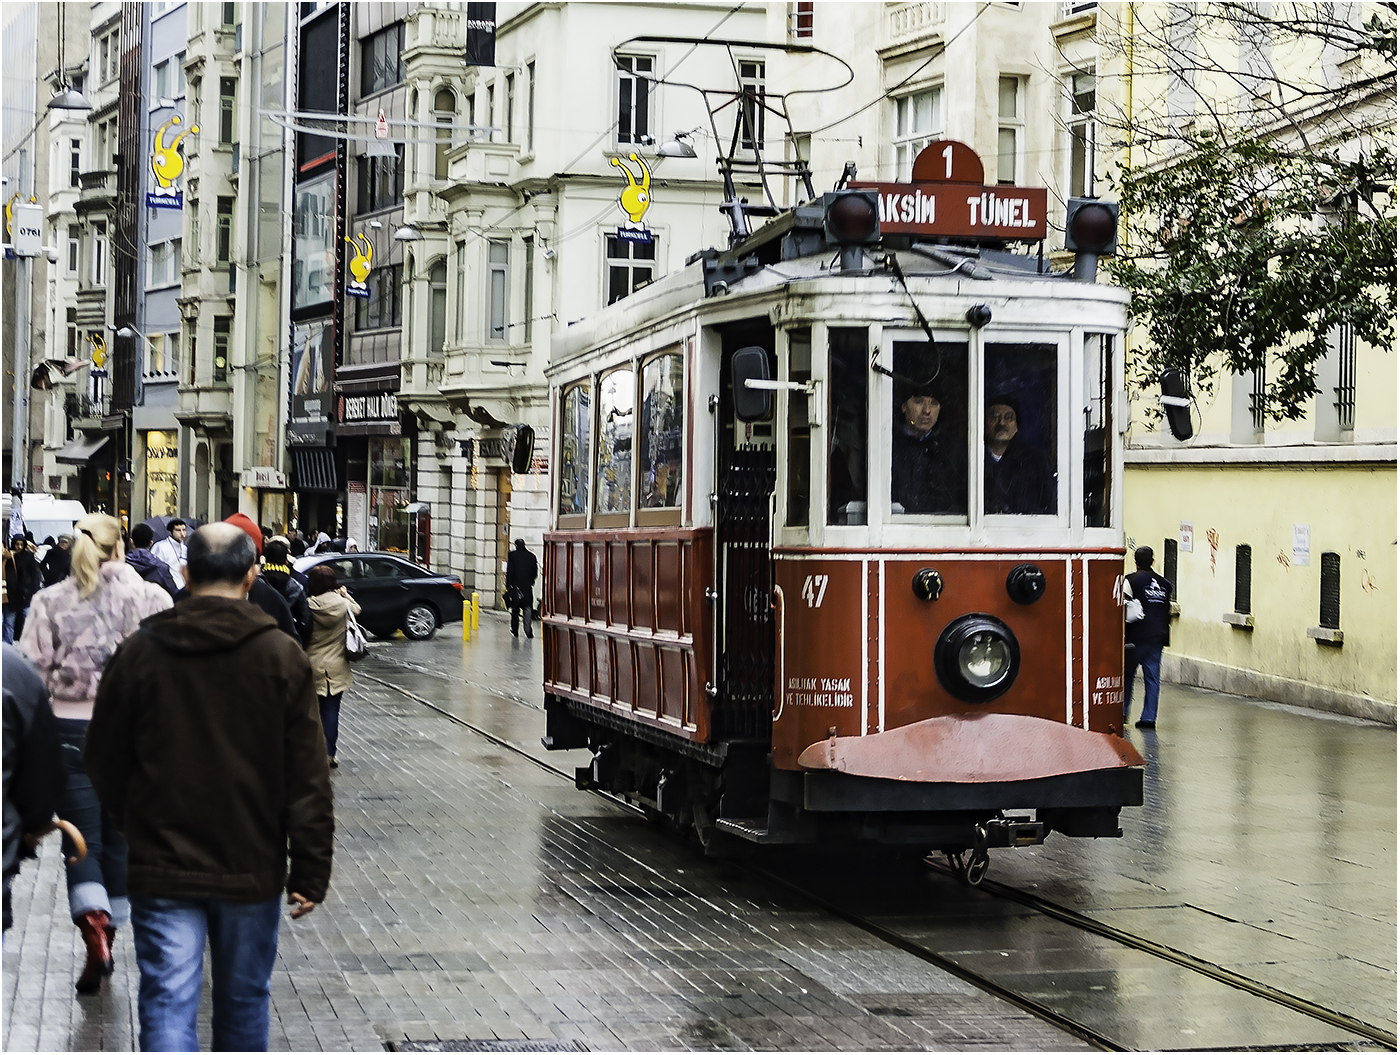 Исторический трамвай вернулся в Стамбул в декабре 1990 г.после отмены в 1966 г.